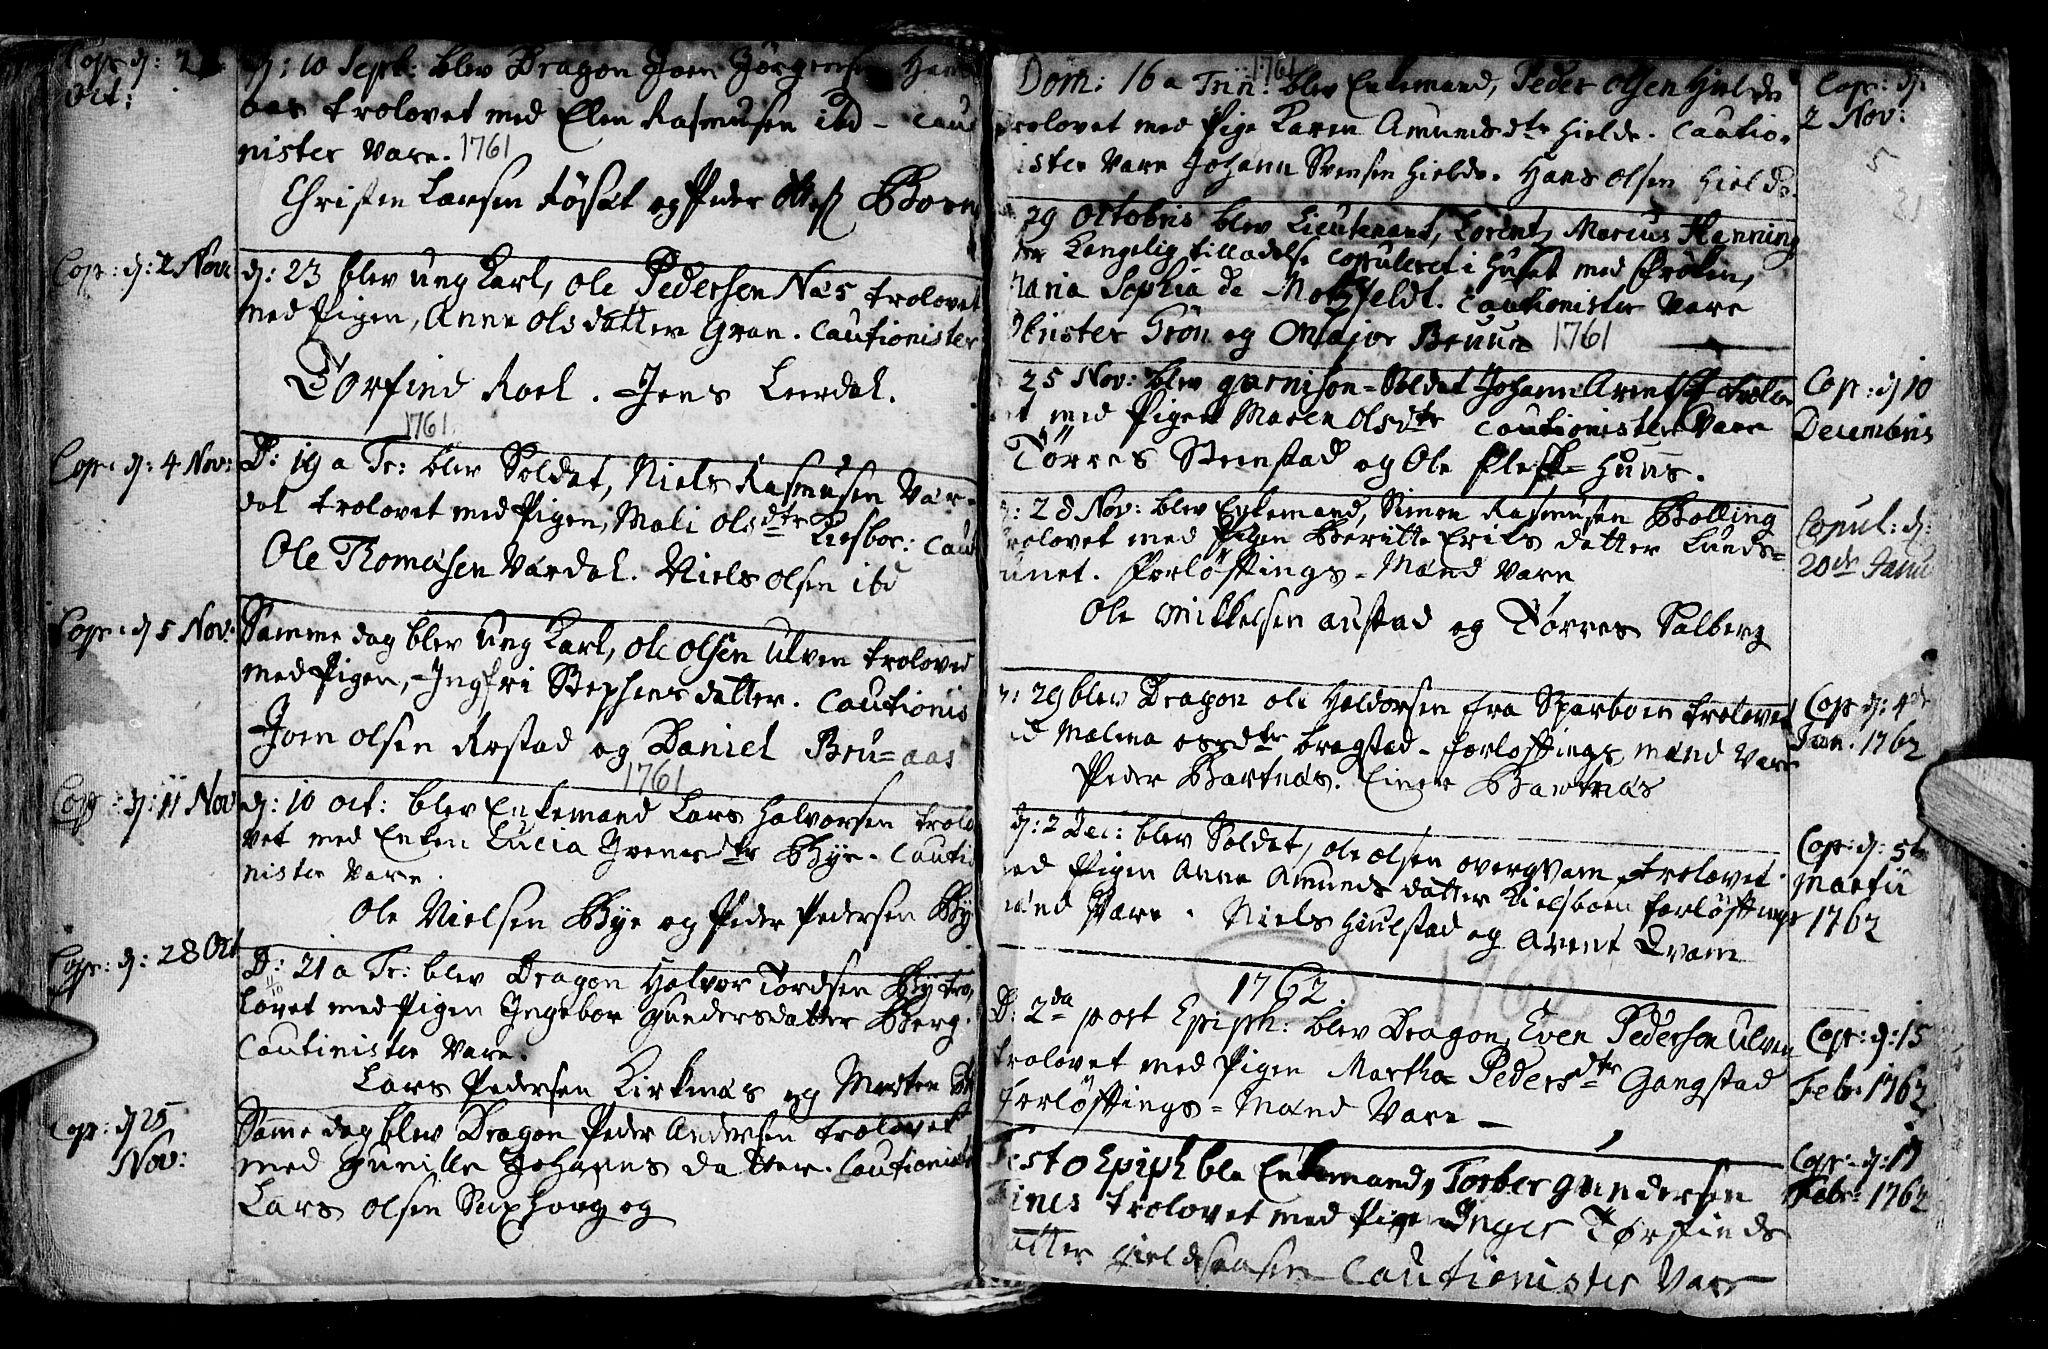 SAT, Ministerialprotokoller, klokkerbøker og fødselsregistre - Nord-Trøndelag, 730/L0272: Ministerialbok nr. 730A01, 1733-1764, s. 31